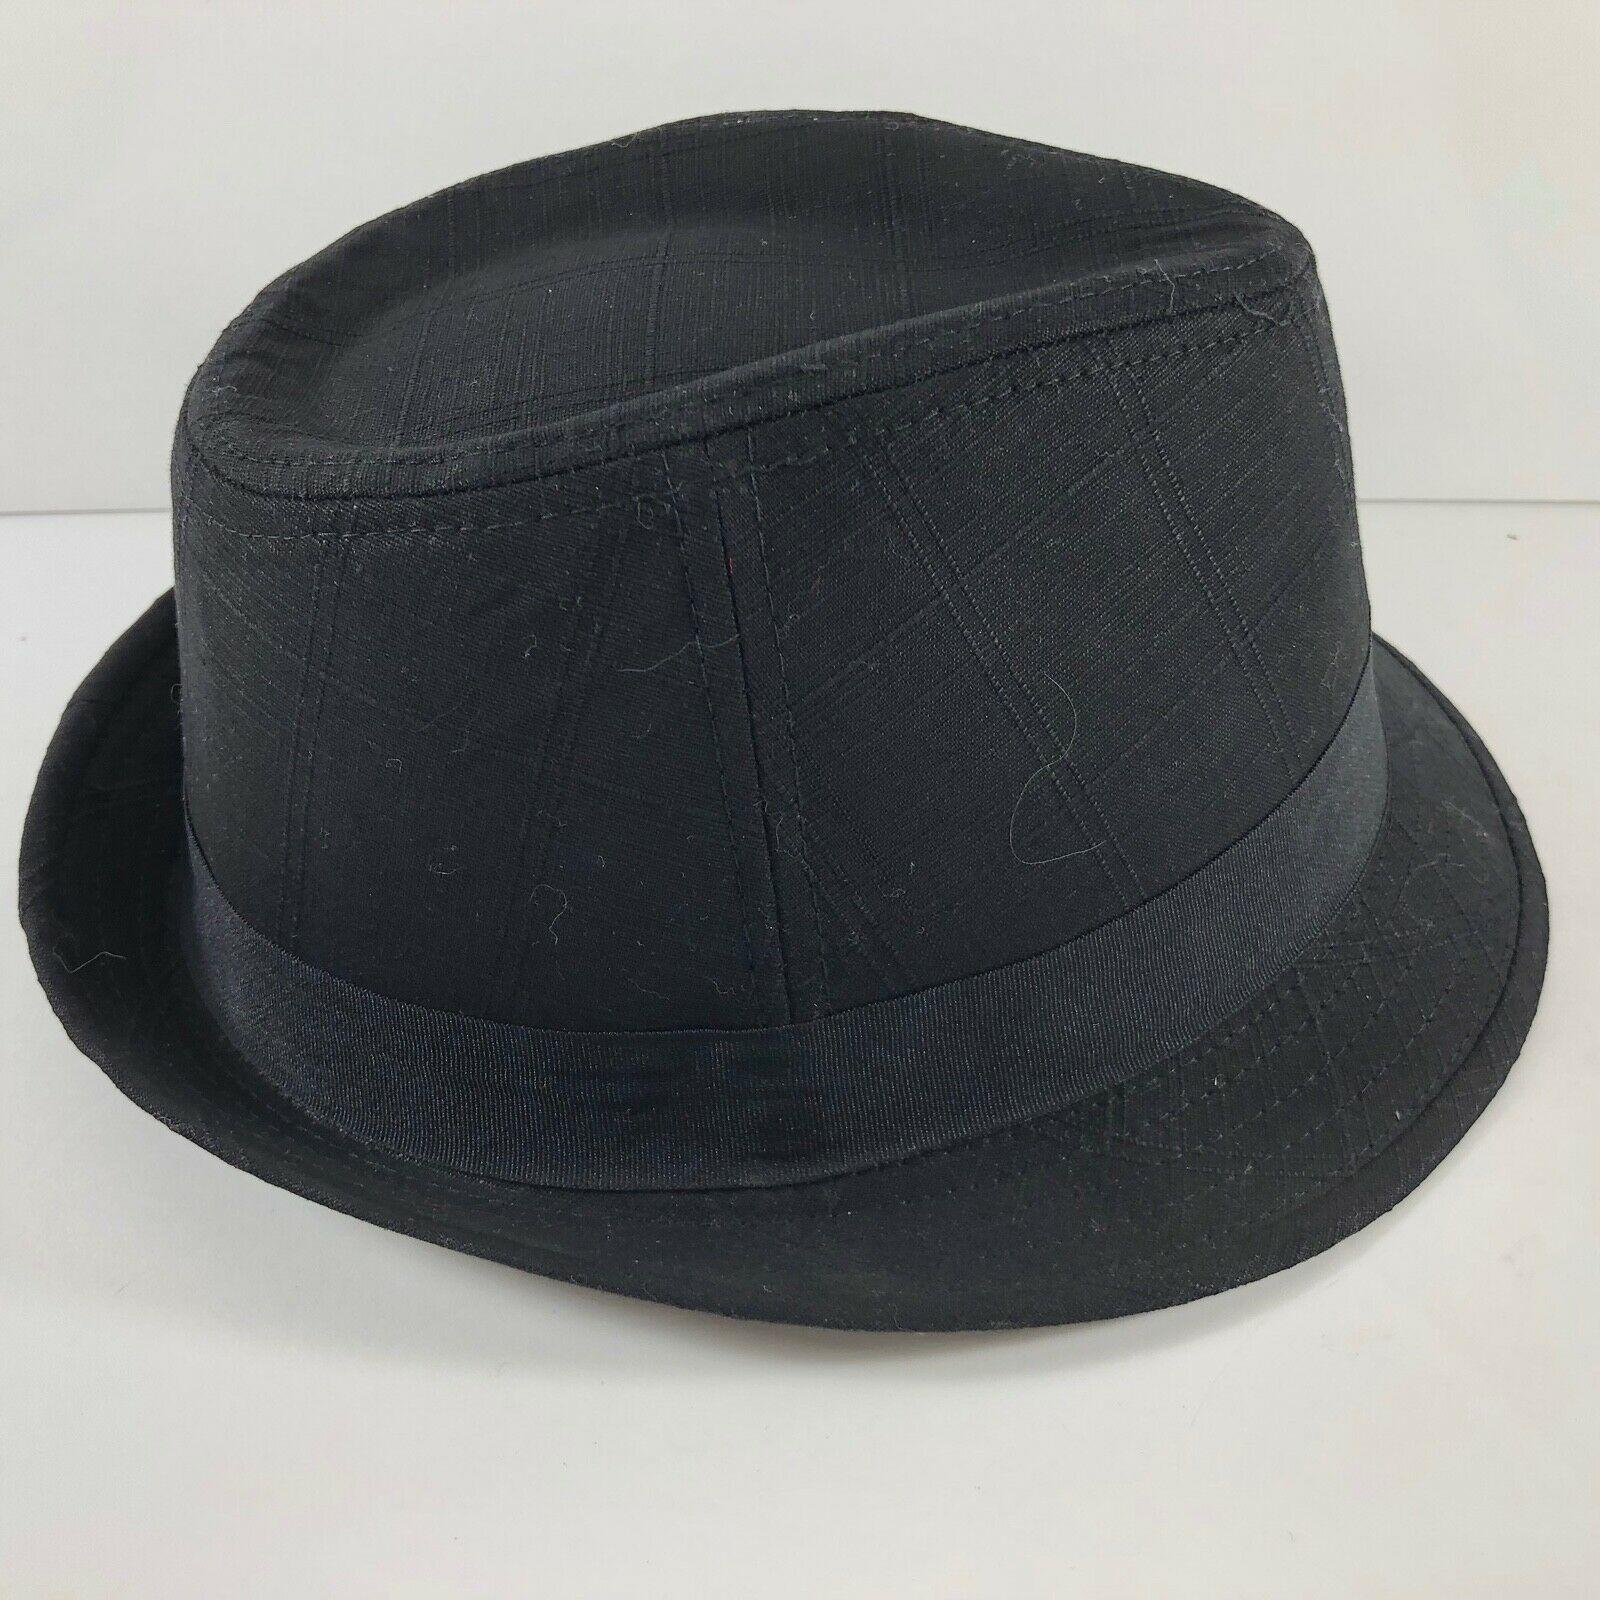 Vintage DPC Authentic cotton linen Black Fedora Hat sz L Handmade Headwear image 3